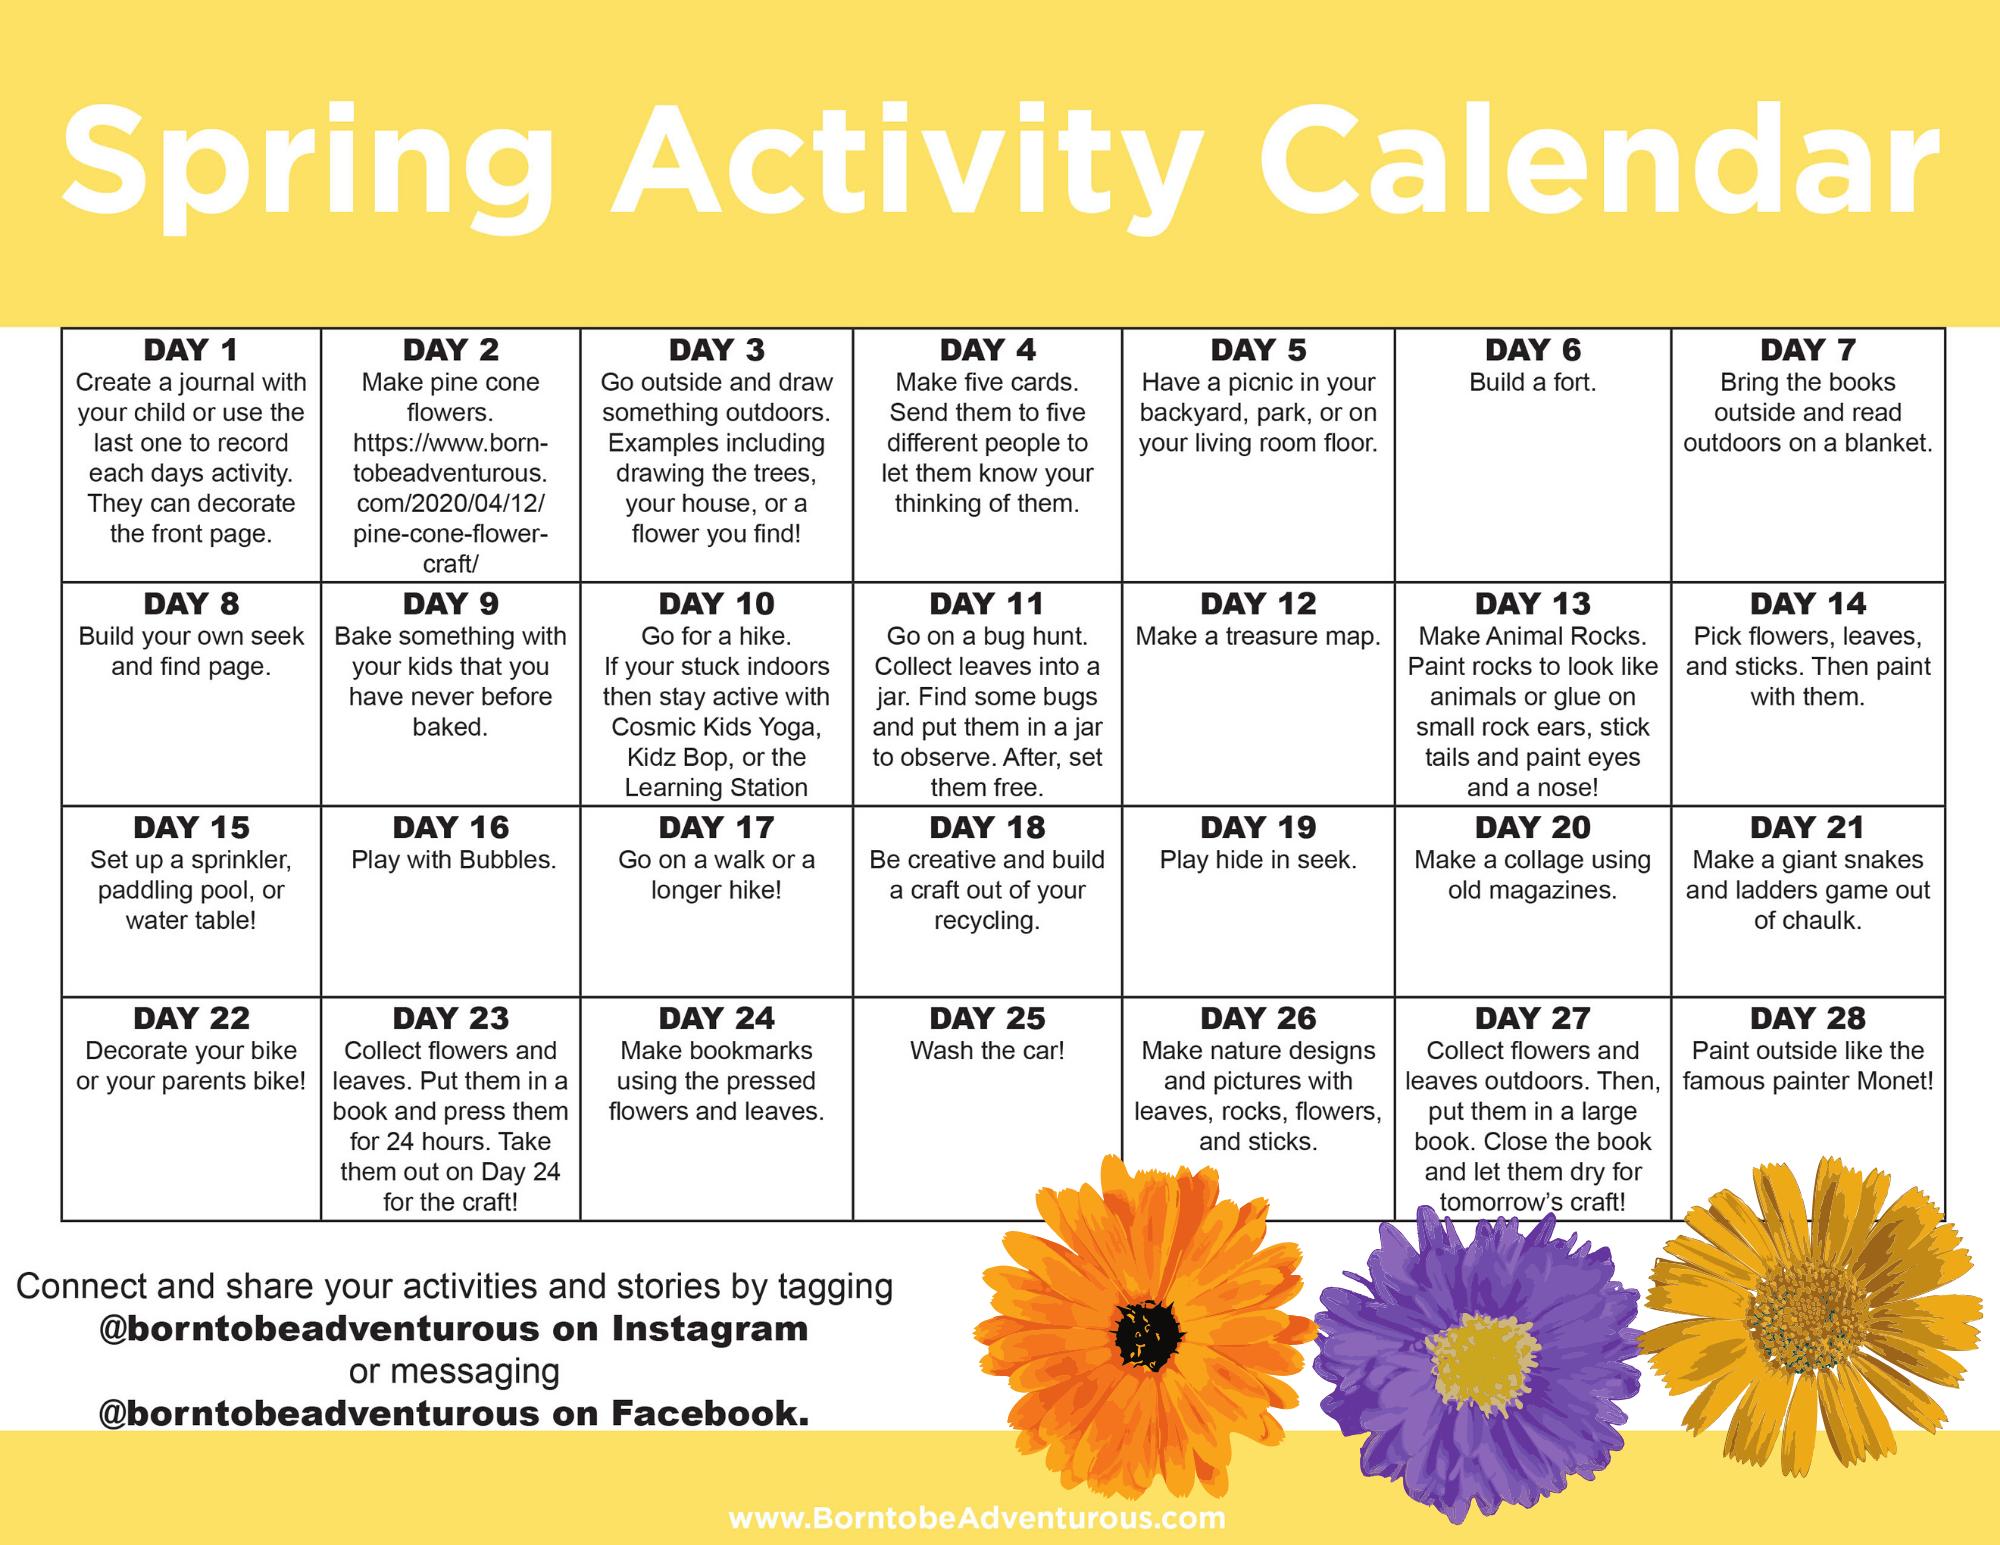 Spring Activity Calendar